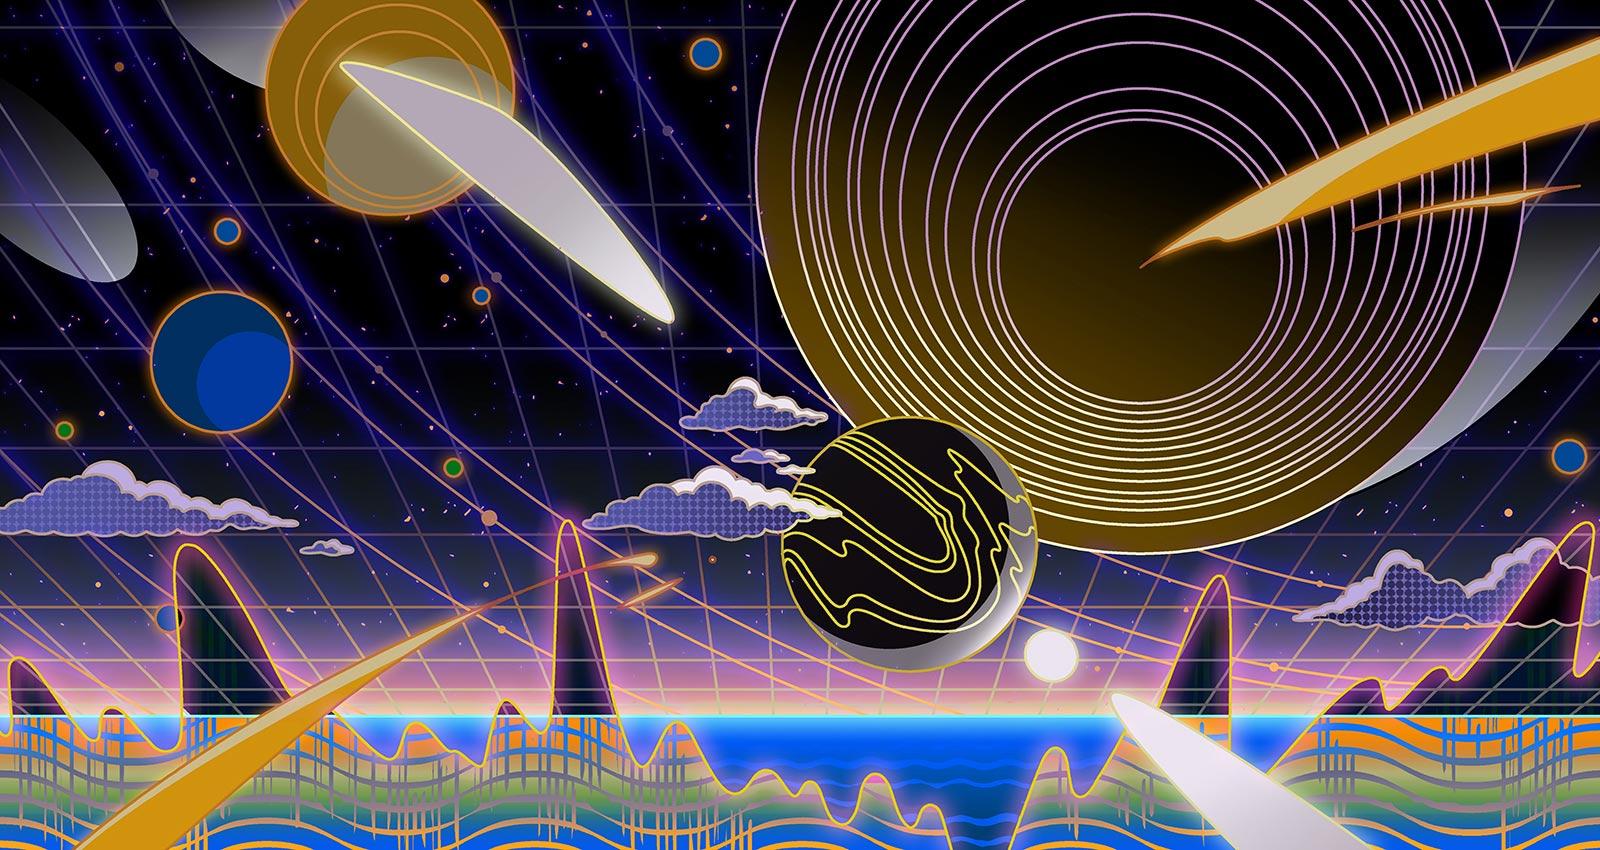 Скрипки с гравитационными волнами. Ученые выпустили альбом со звуками космоса